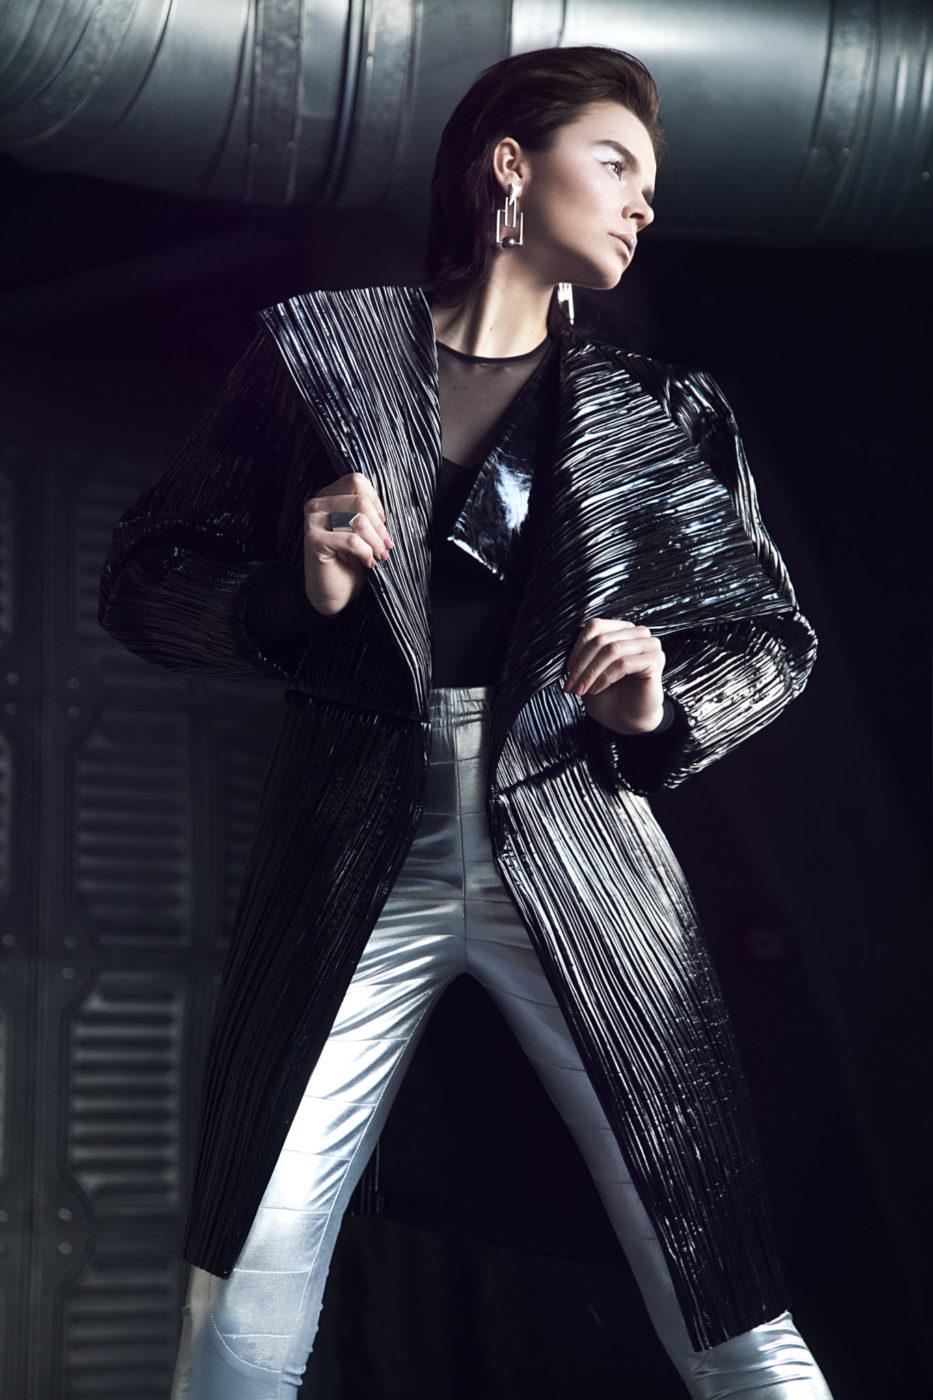 Kobieta stojąca w jasnych spodniach i ciemnym, futurystycznym płaszczu